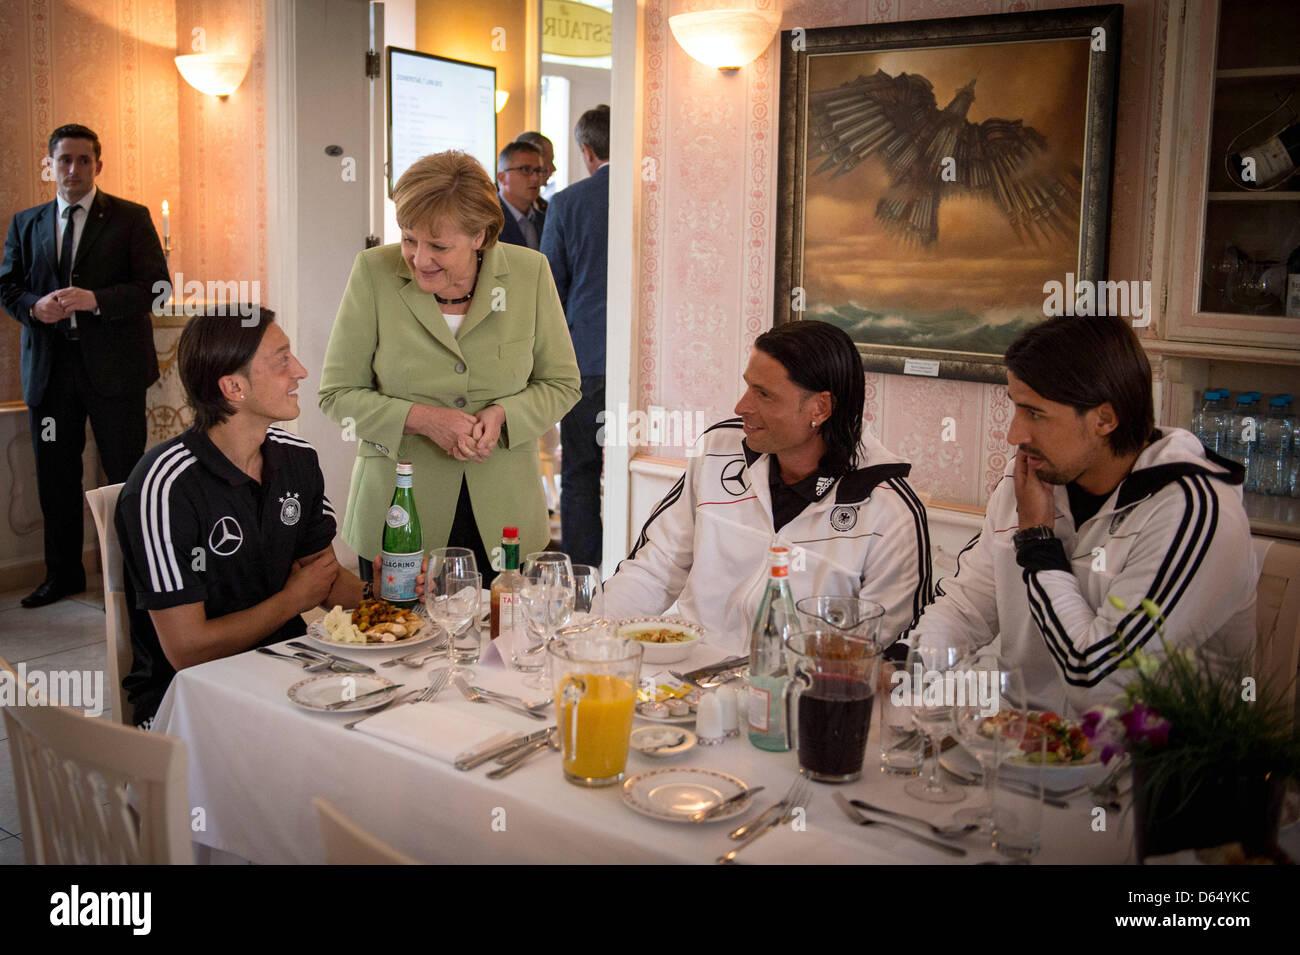 HANDOUT- Bundeskanzlerin Angela Merkel unterhält sich am Mittwoch (06.06.2012) während eines gemeinsamen - Stock Image